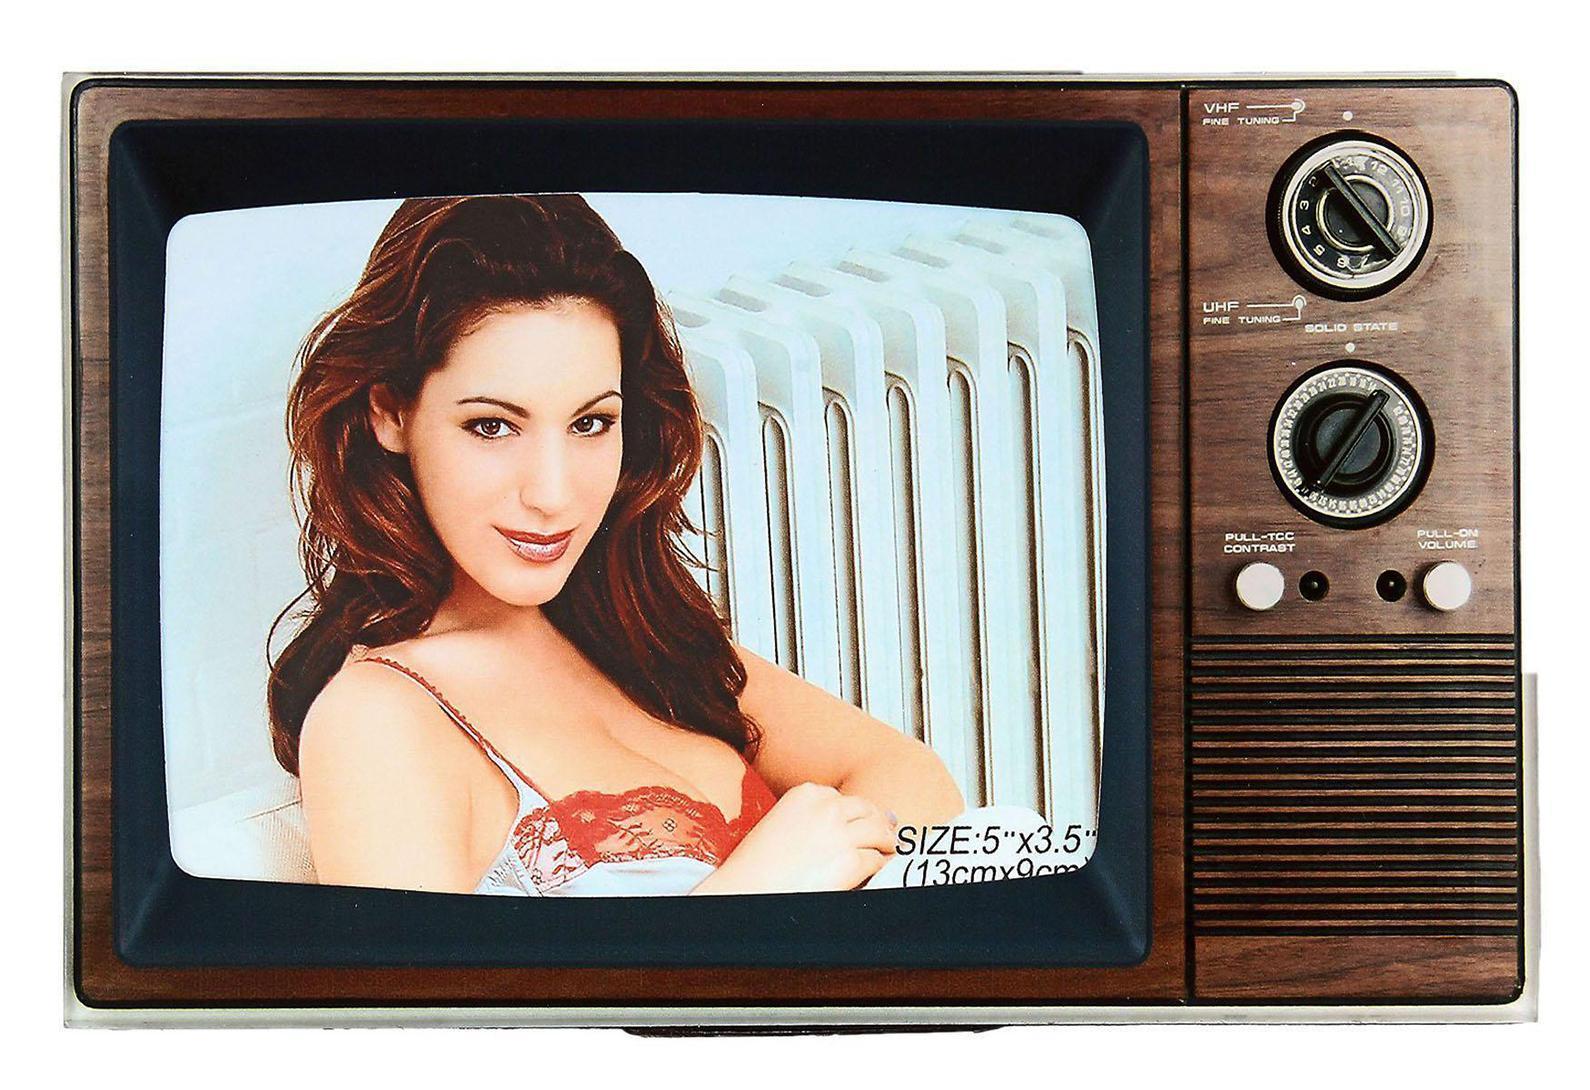 Фоторамка Sima-land Старый телевизор, 9 см х 13 см614710Декоративная фоторамка Sima-land Старый телевизор выполнена из стекла в виде телевизора. Обратная сторона рамки оснащена специальной ножкой, благодаря которой ее можно поставить на стол или любое другое место в доме или офисе. Такая фоторамка украсит ваш интерьер оригинальным образом, а также позволит сохранить память о дорогих вам людях и интересных событиях вашей жизни. С ней вы сможете не просто внести в интерьер своего дома элемент оригинальности, но и создать атмосферу загадочности и изысканности.